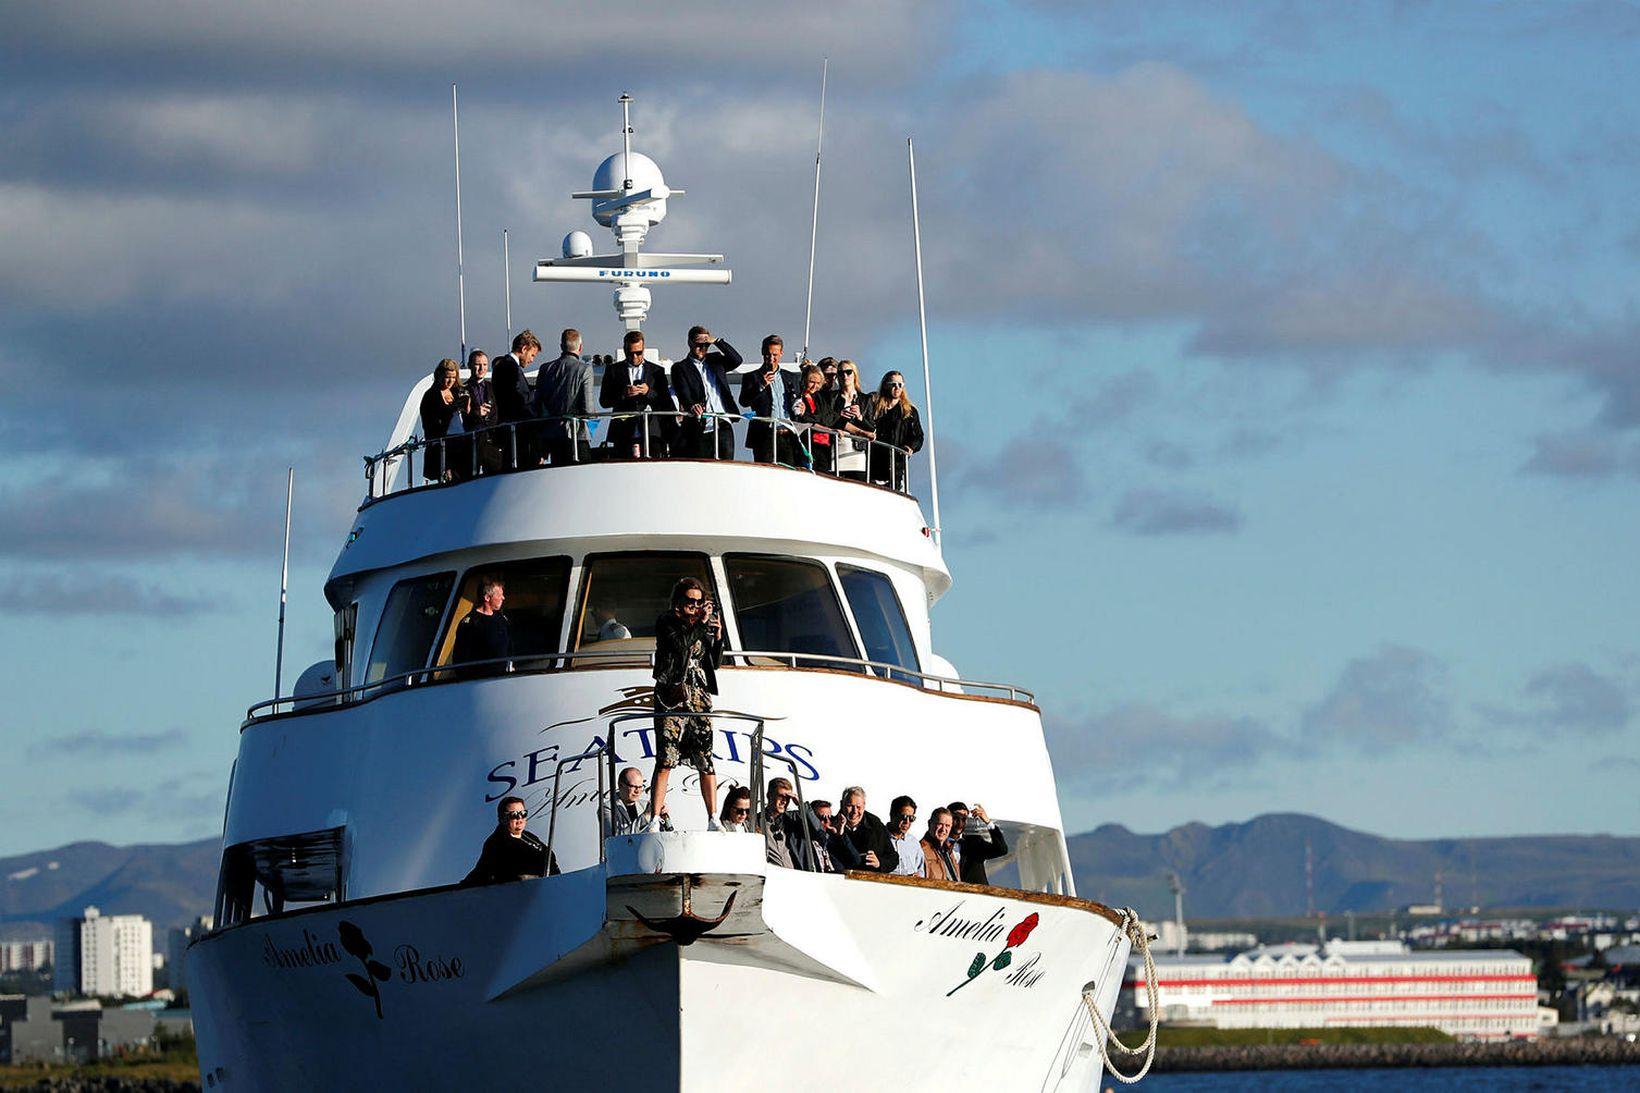 Bátur Sea Trip Reykjavík ehf., Amelia Rose, var vísað til …